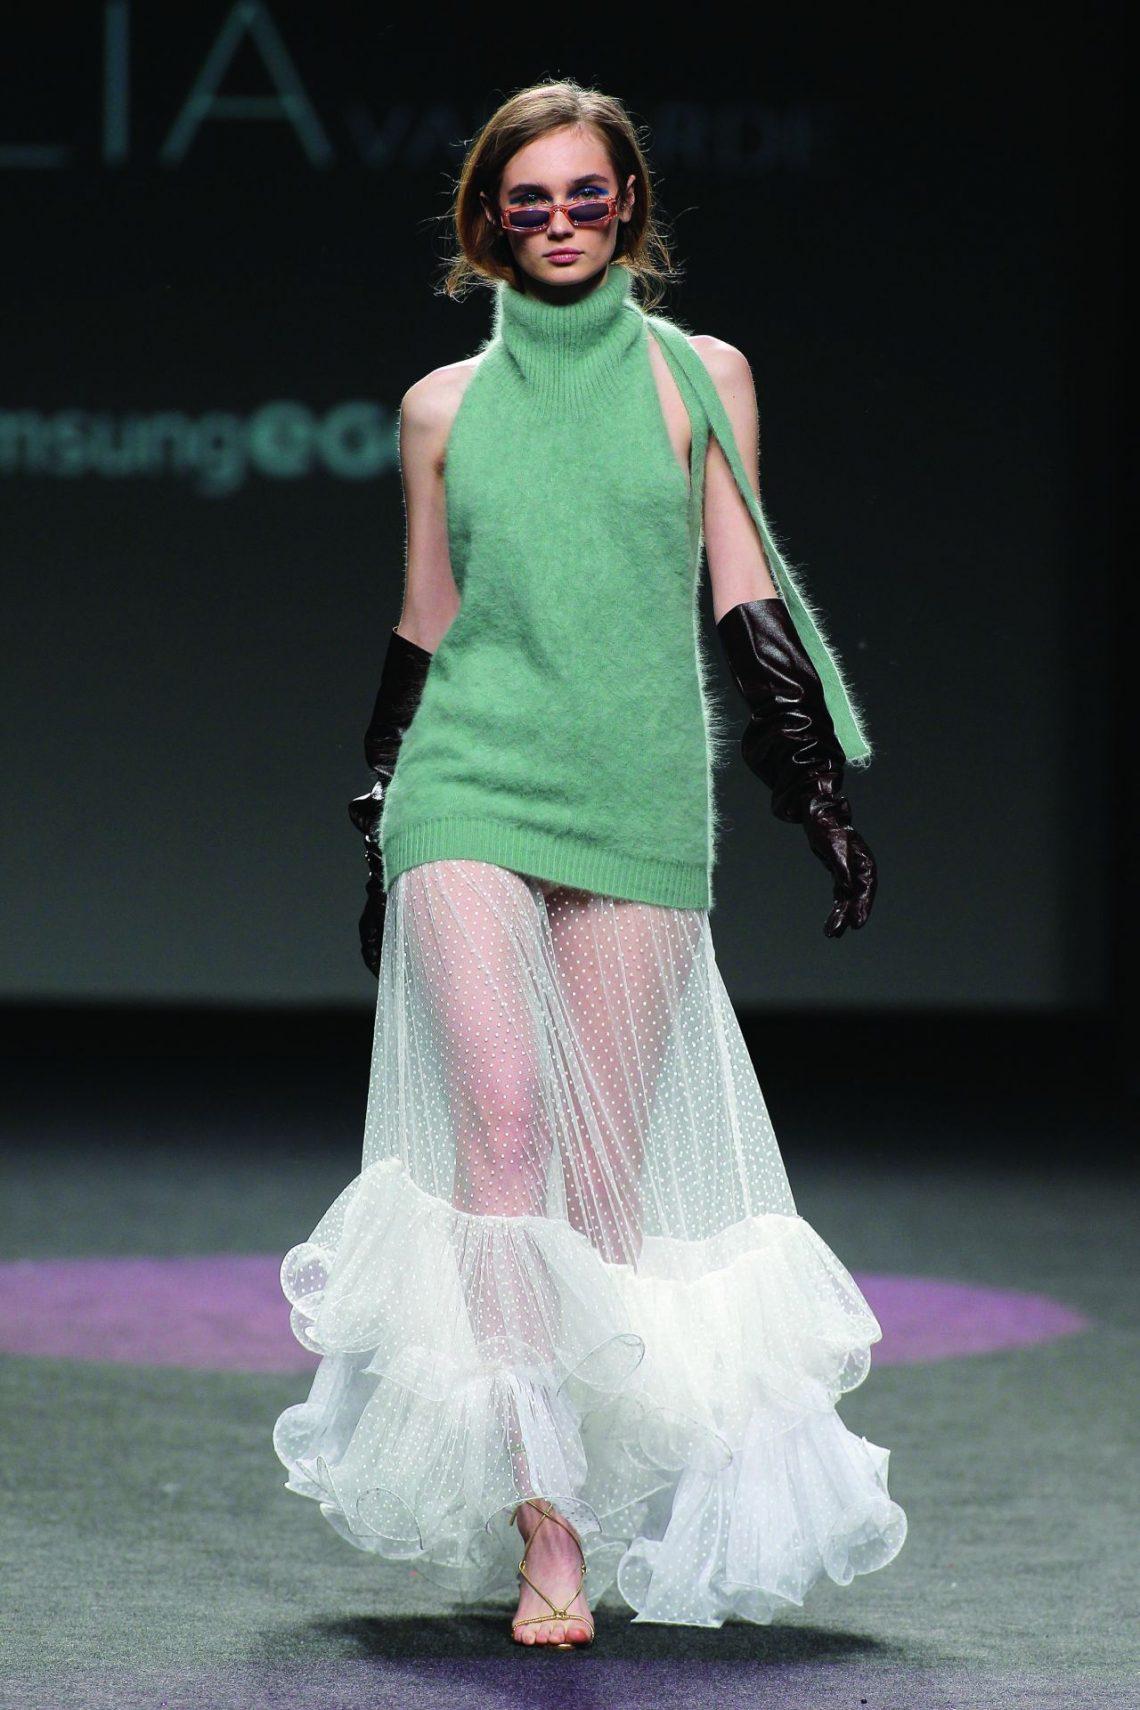 Quédate con su nombre porque es el futuro de la moda, CÉLIAvalverde gana el premio Mercedes-Benz Fashion Talent